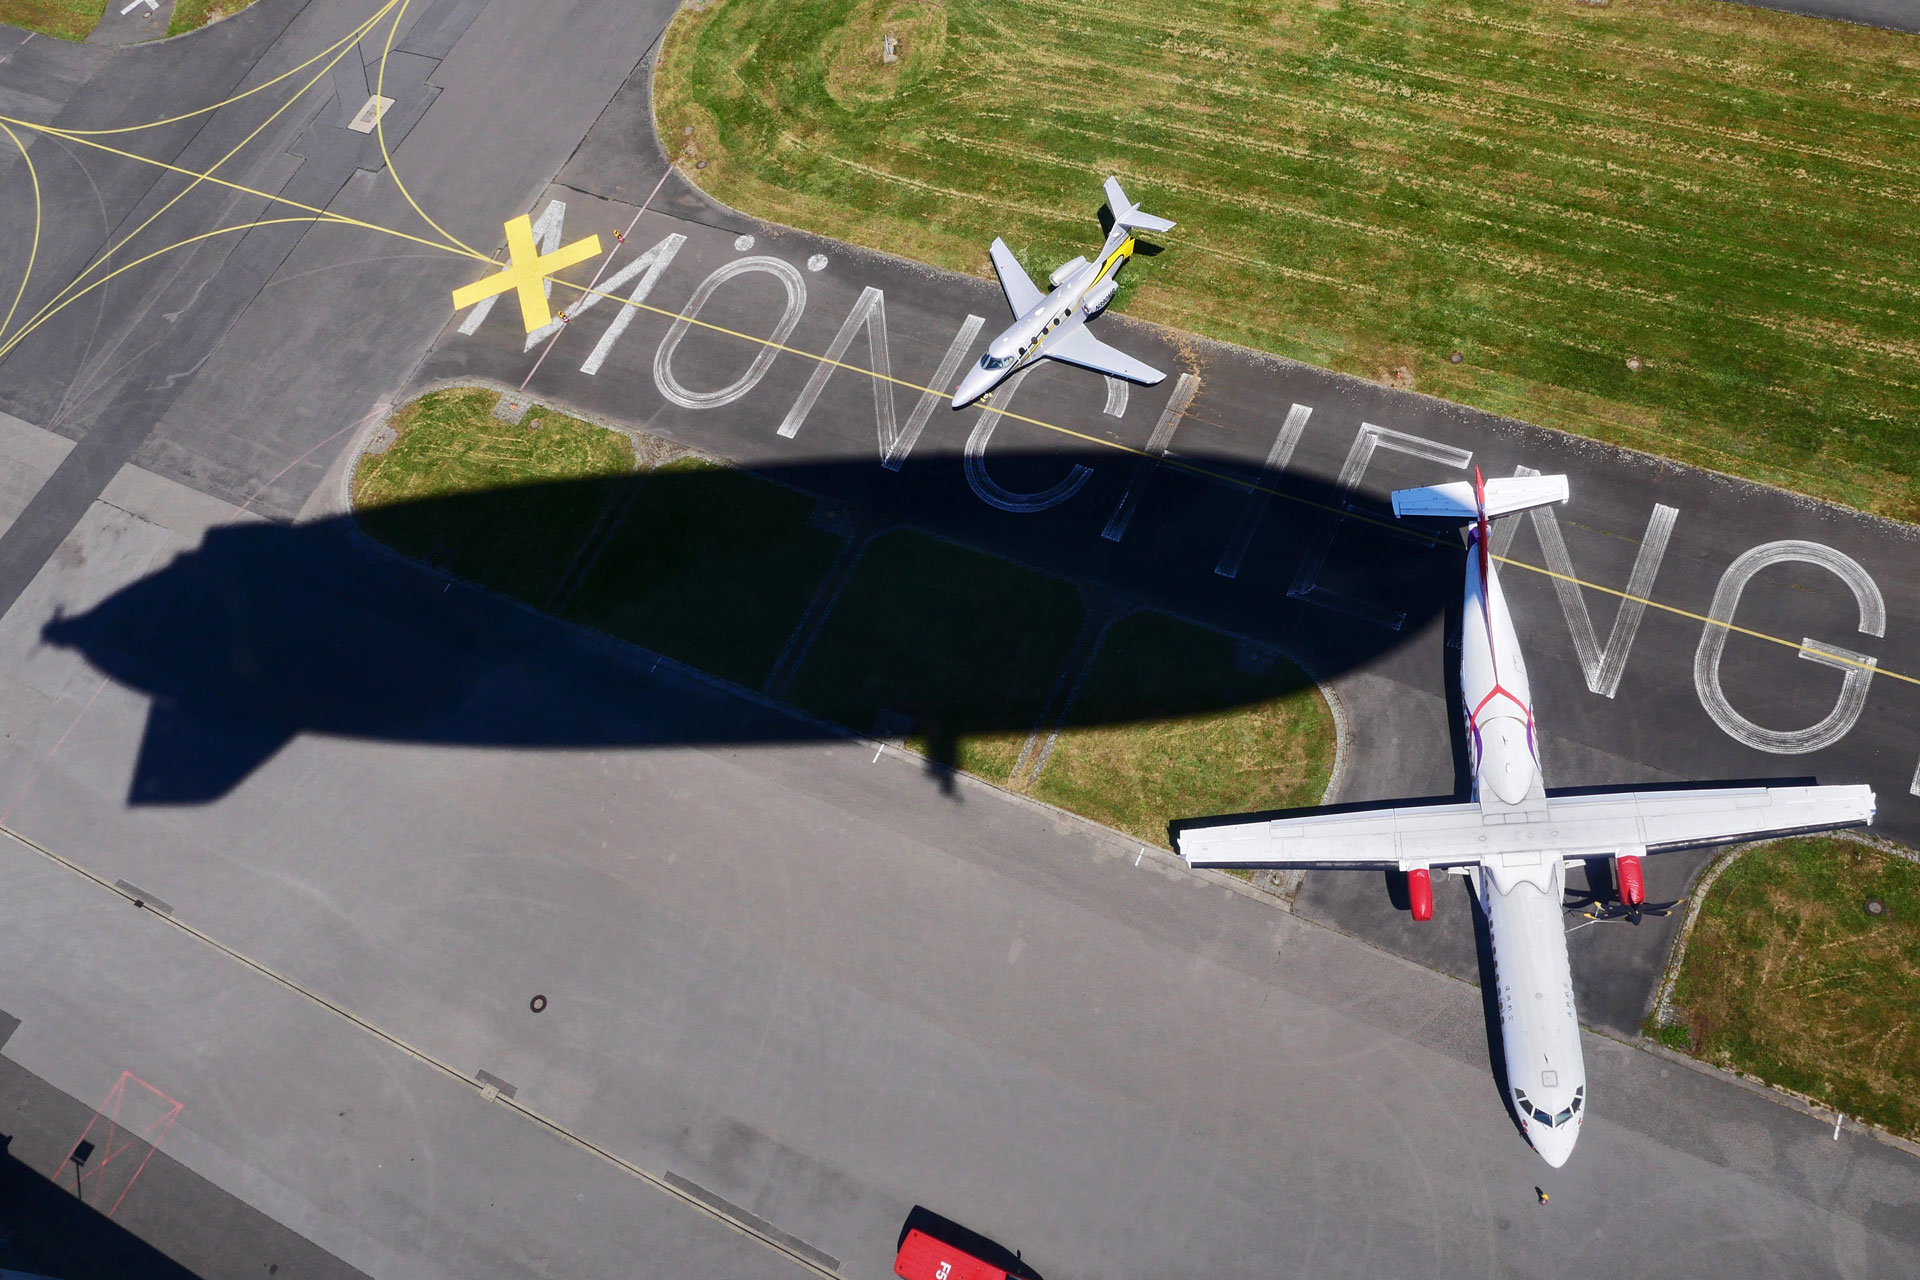 Schatten des Zeppelins über der Landebahn in MG